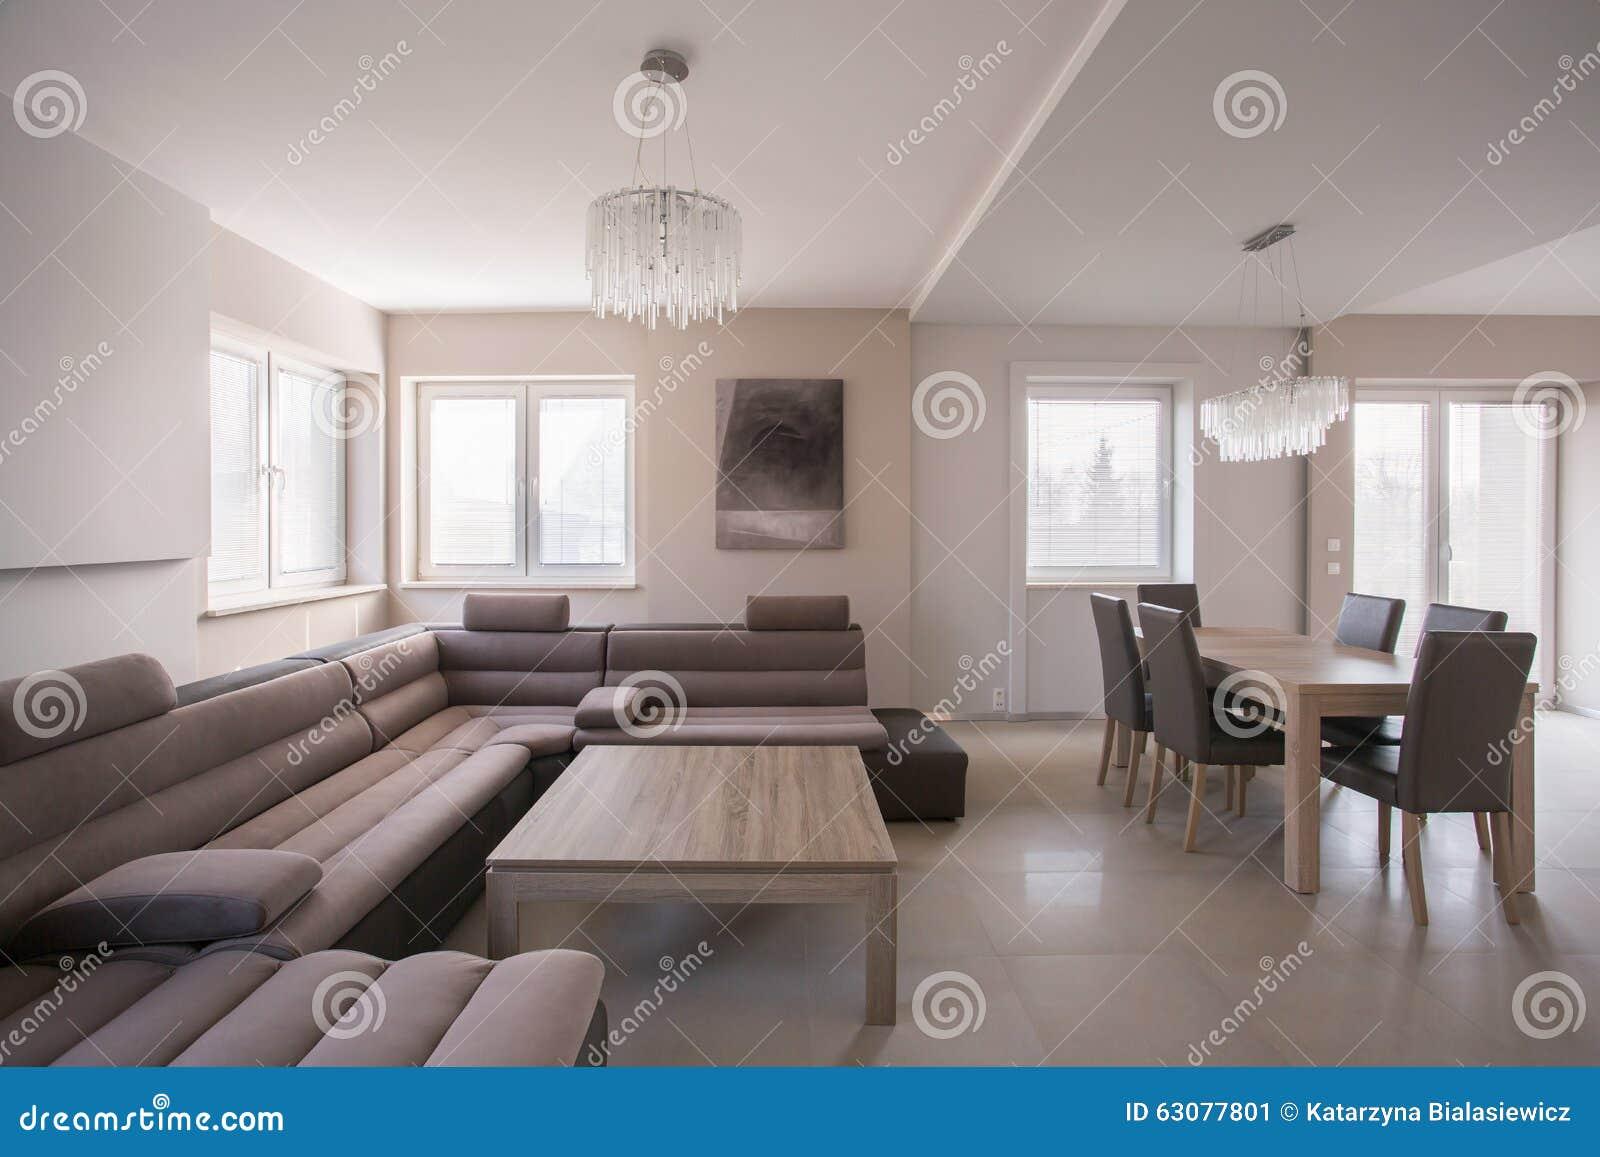 Download Sofa Faisant Le Coin Confortable Image stock - Image du divan, résidence: 63077801